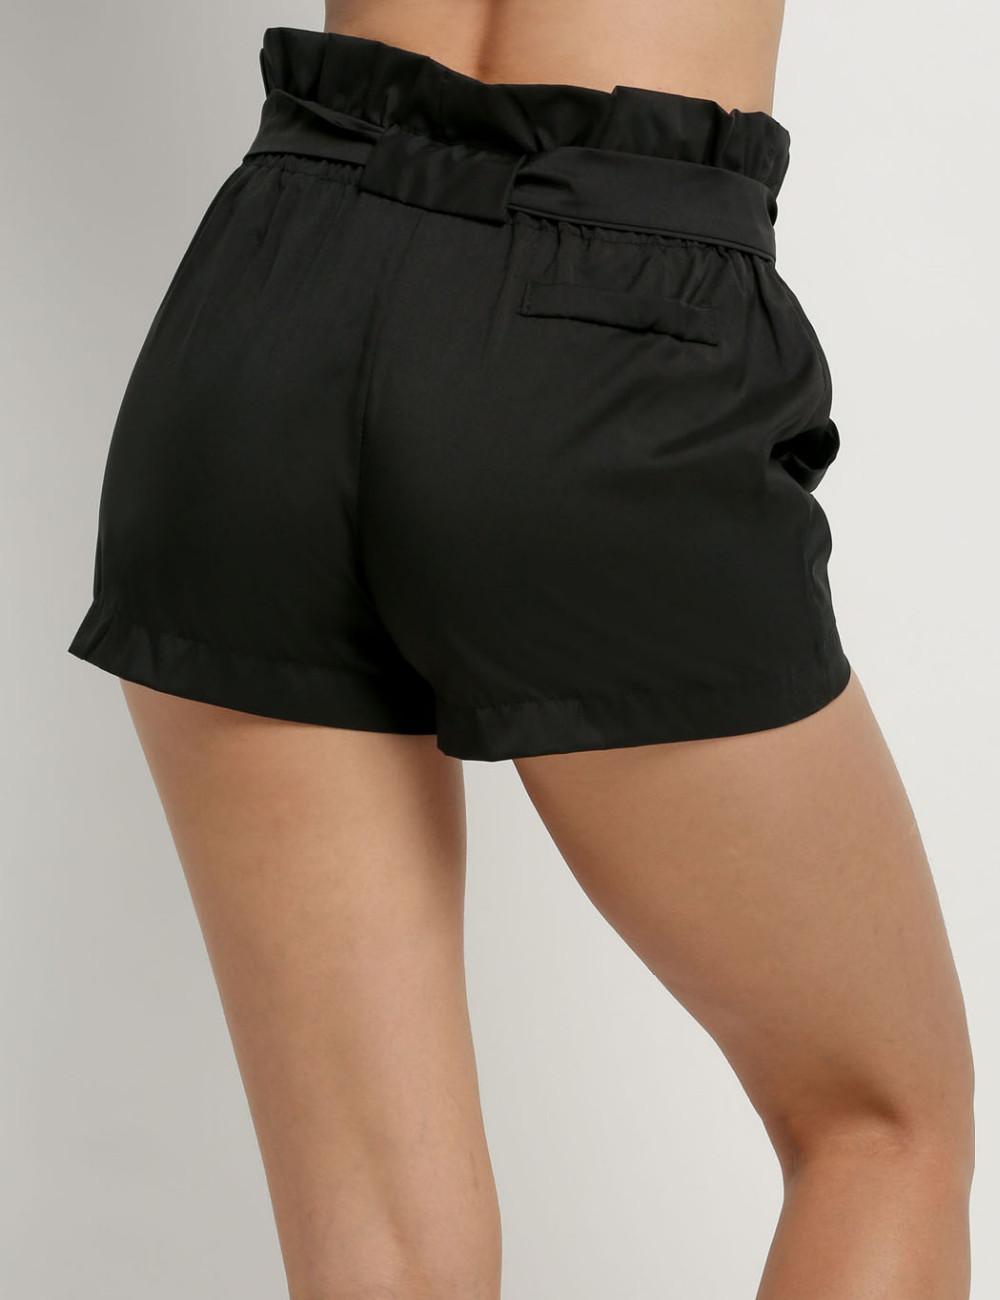 high waist shorts women (4)